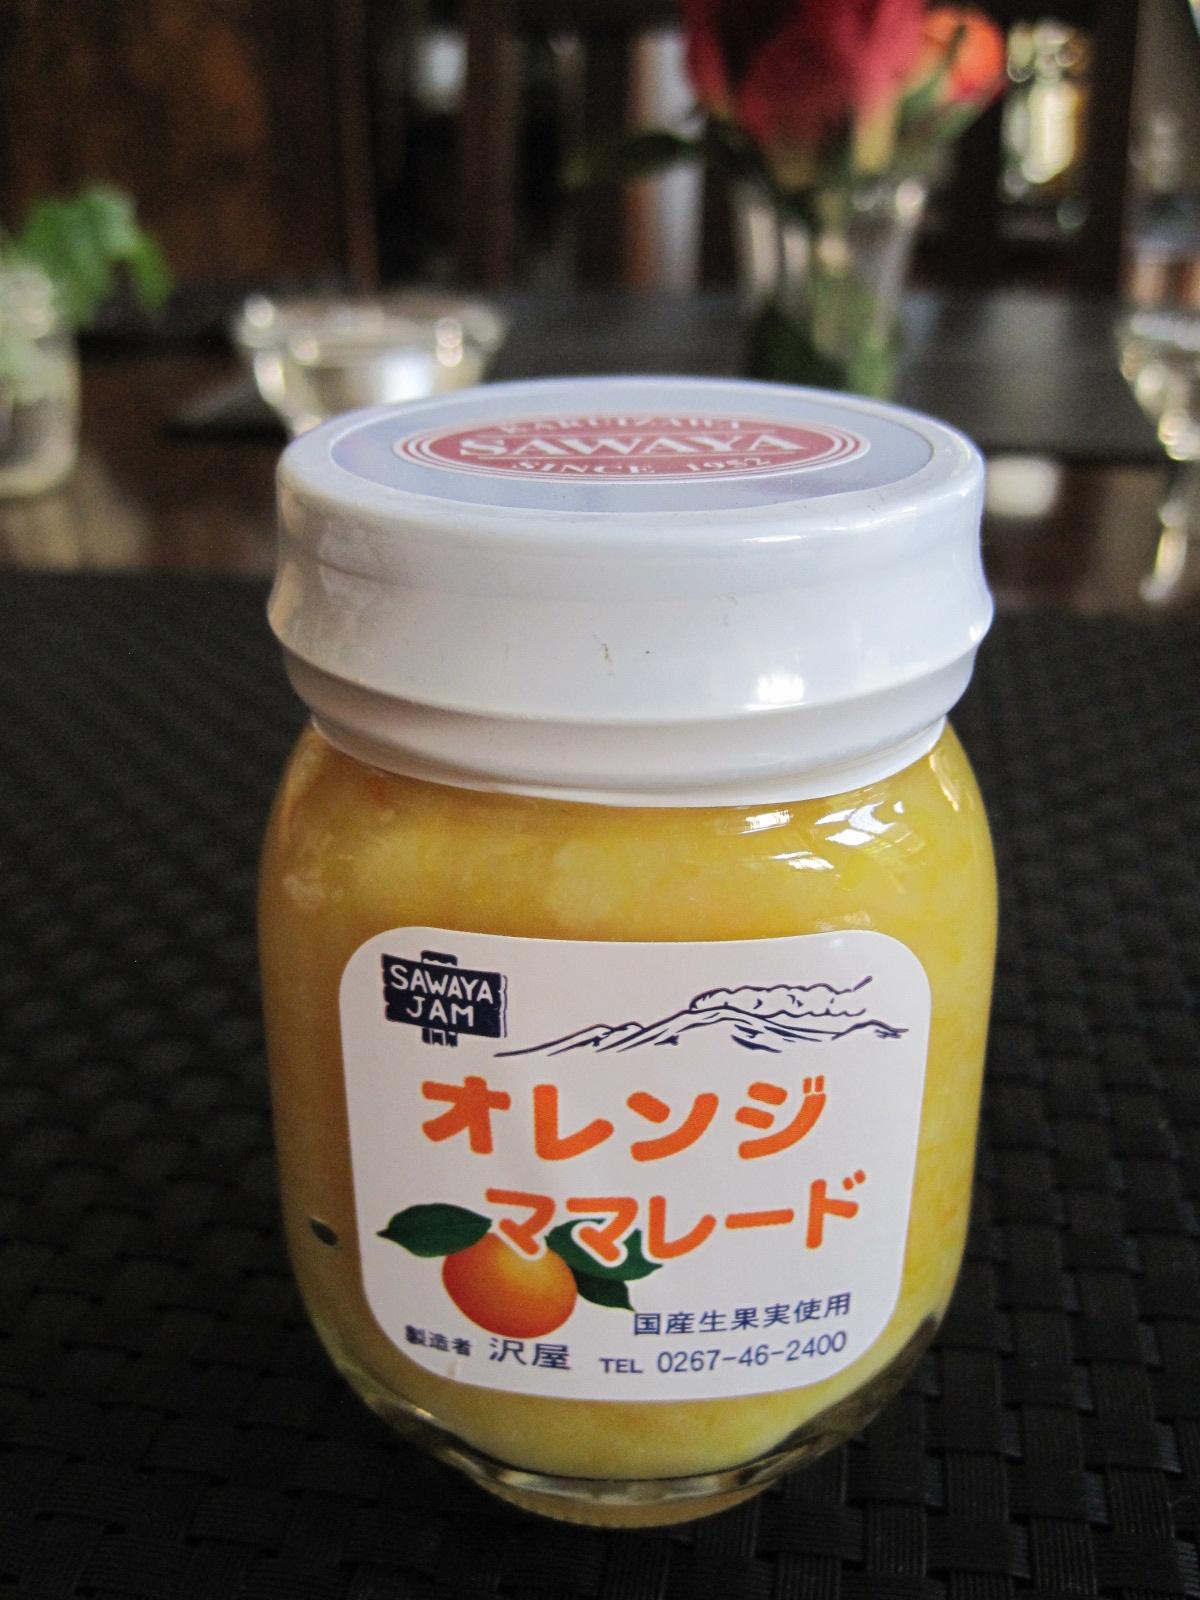 ネーブルオレンジのマーマレード ☆ SAWAYA vs TSURUYA _f0236260_23322667.jpg